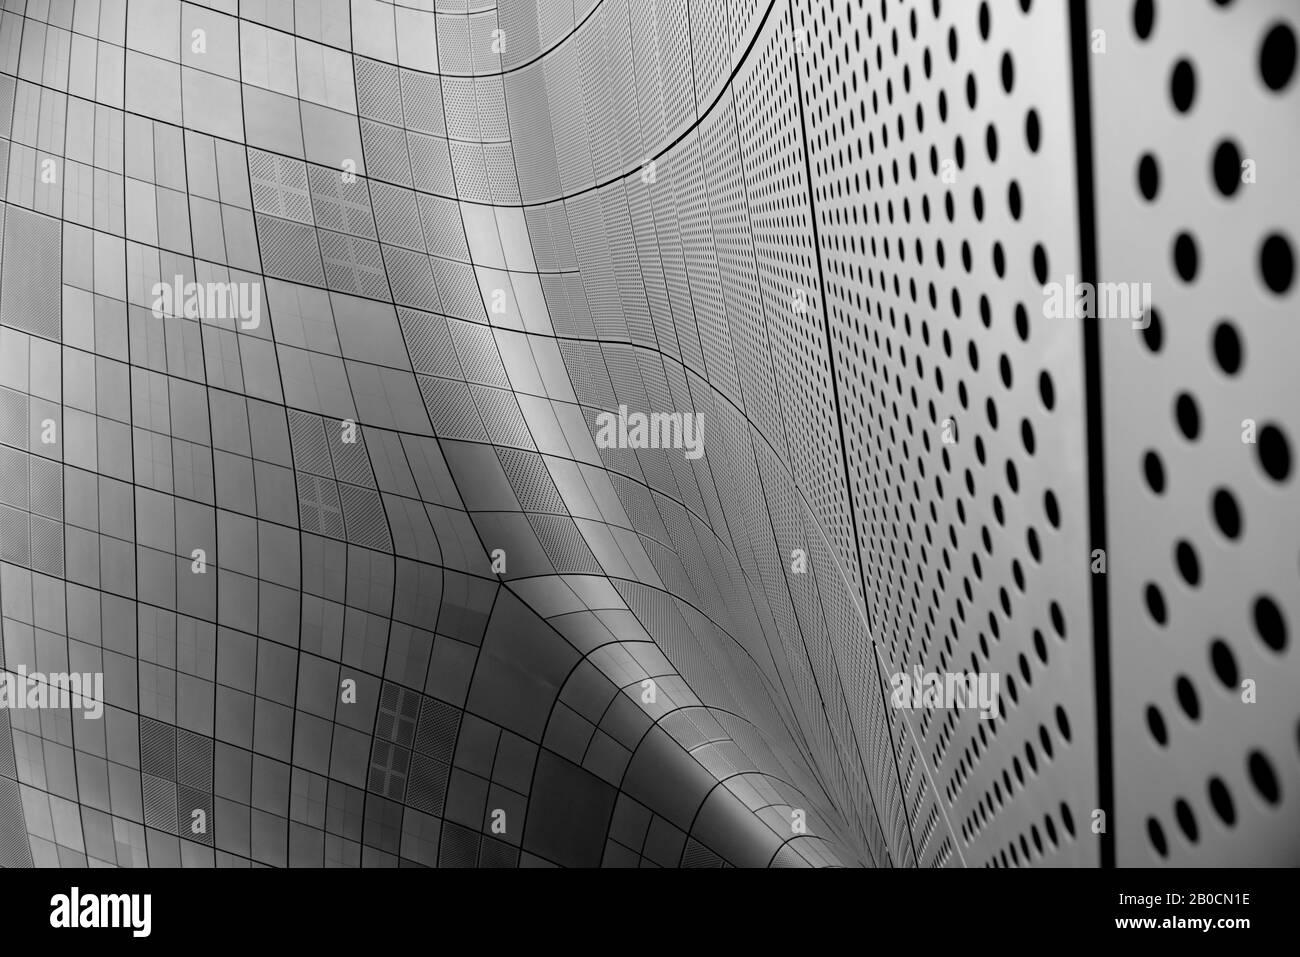 Courbure, courbure, acier, futuriste, motifs, métallique, grille, abstrait Banque D'Images